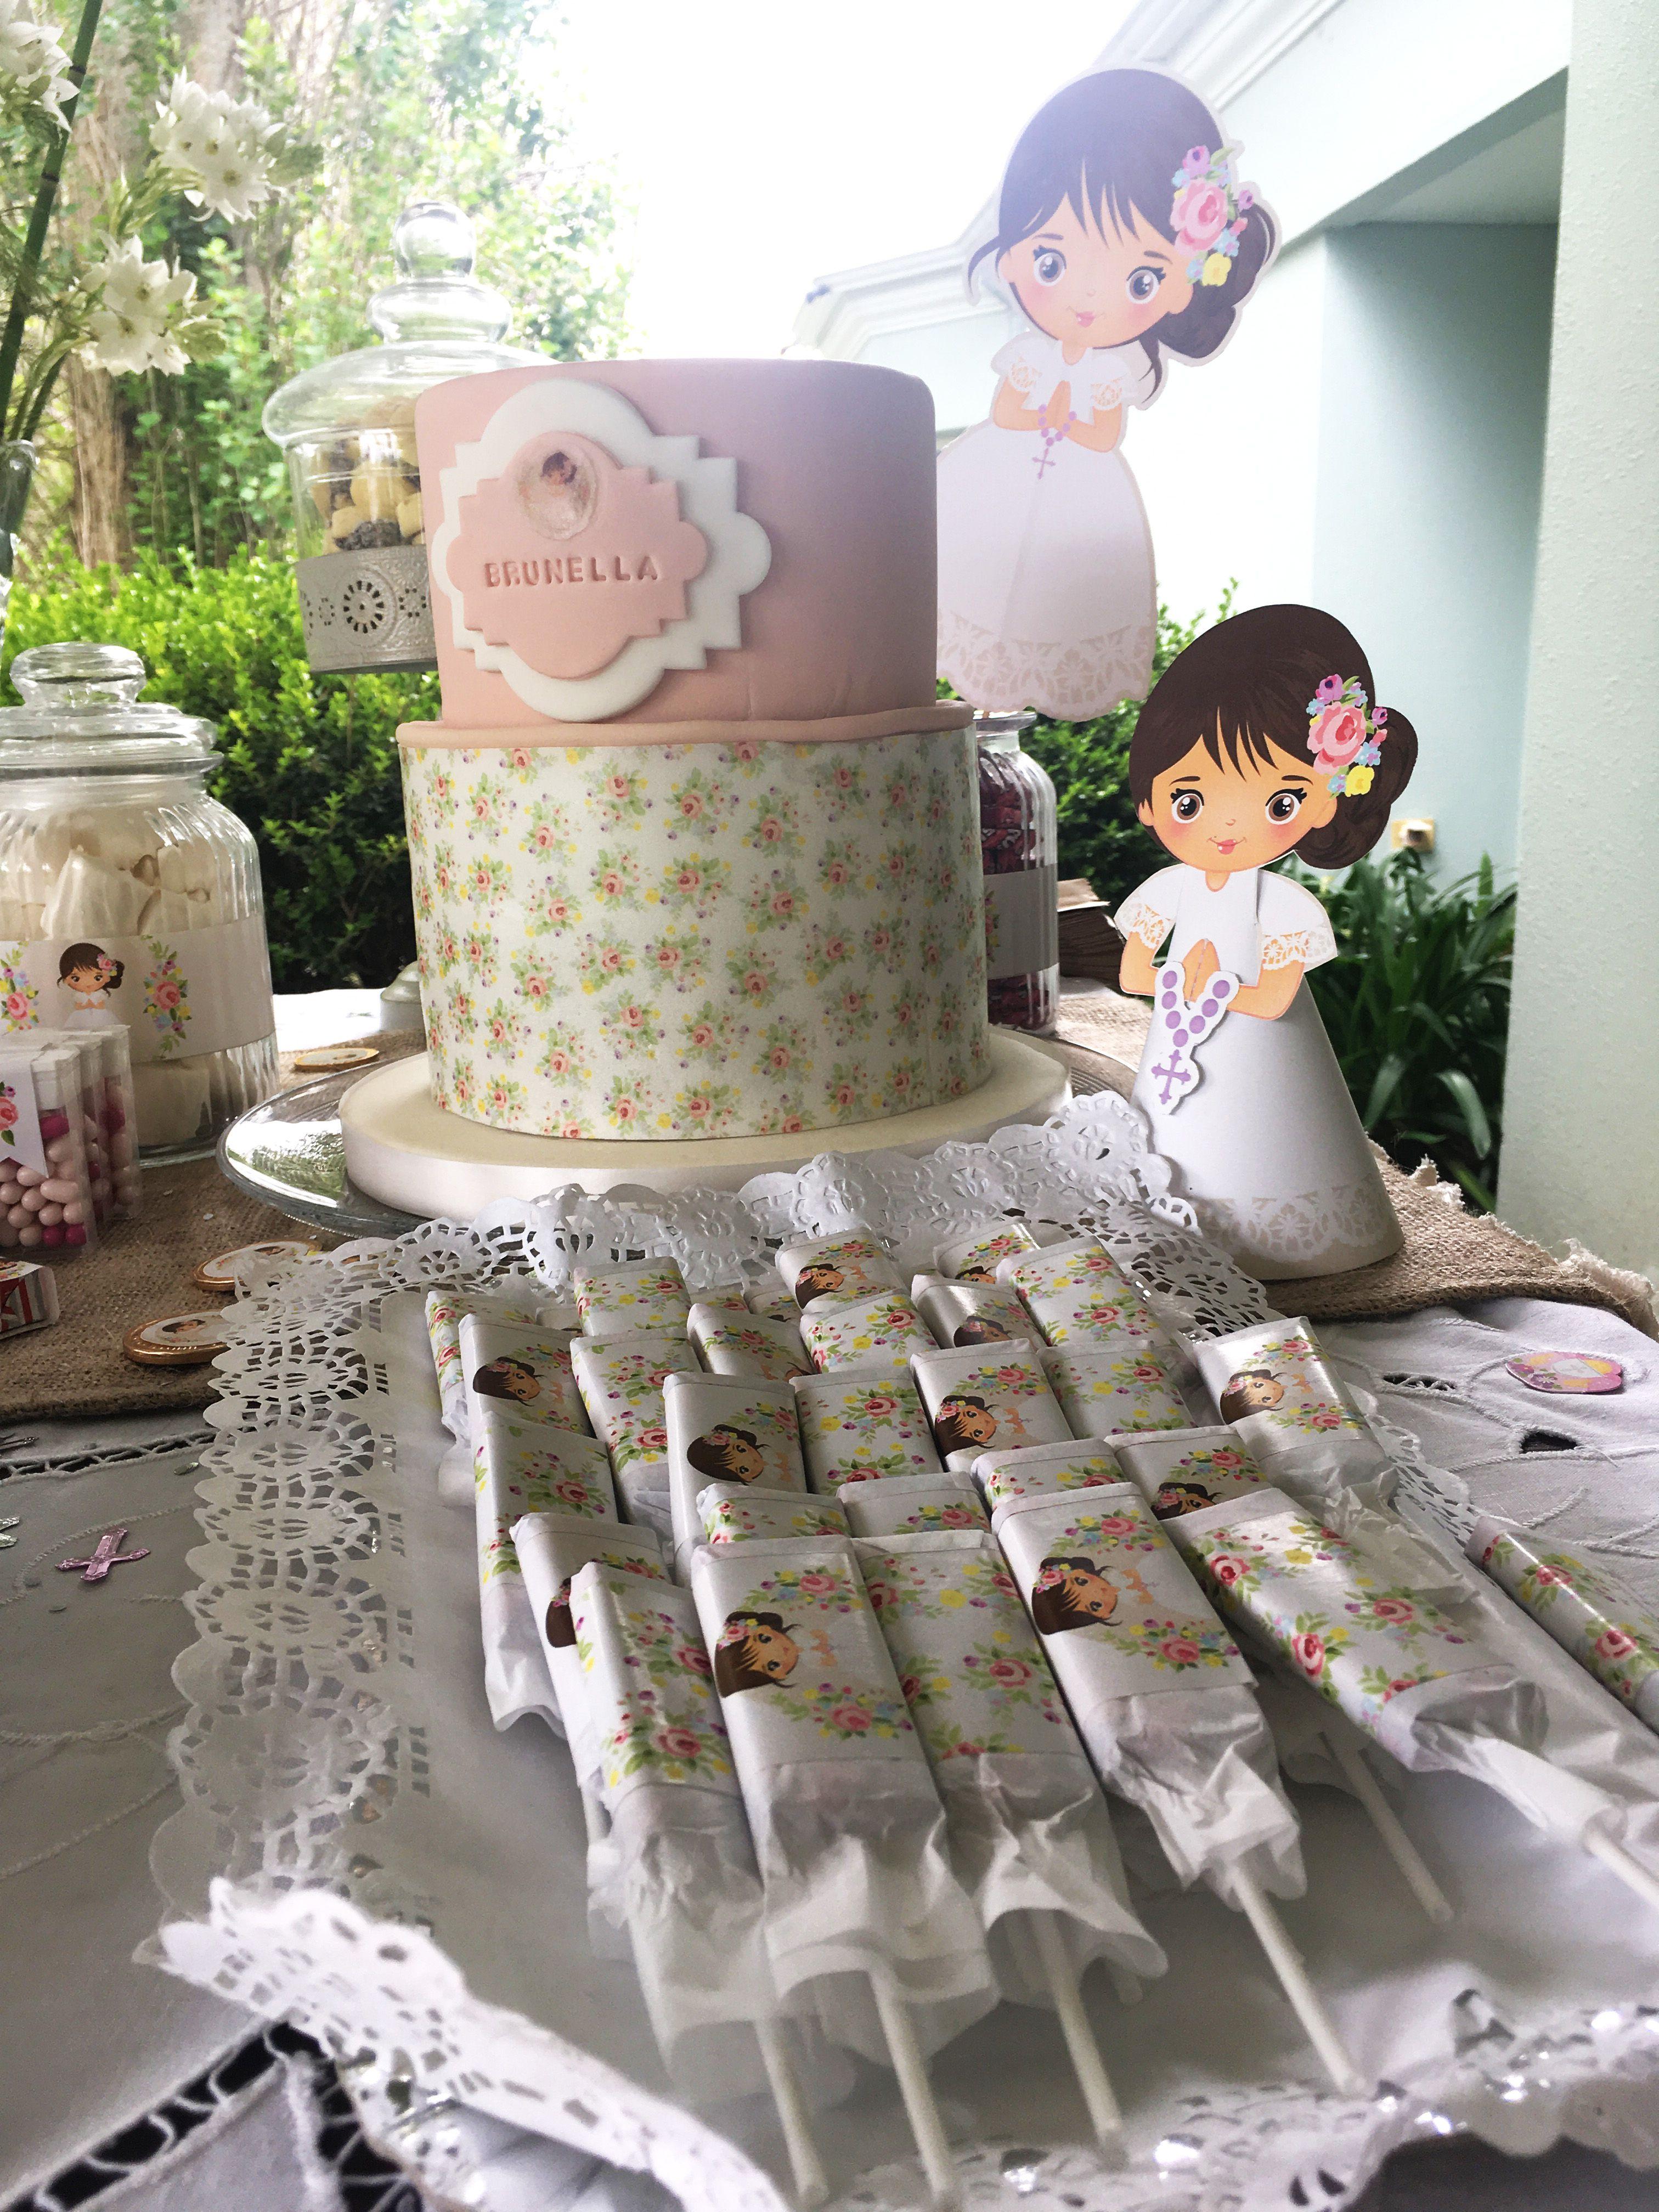 Torta y delicias decoradas con Kit Juana Todo Bonito